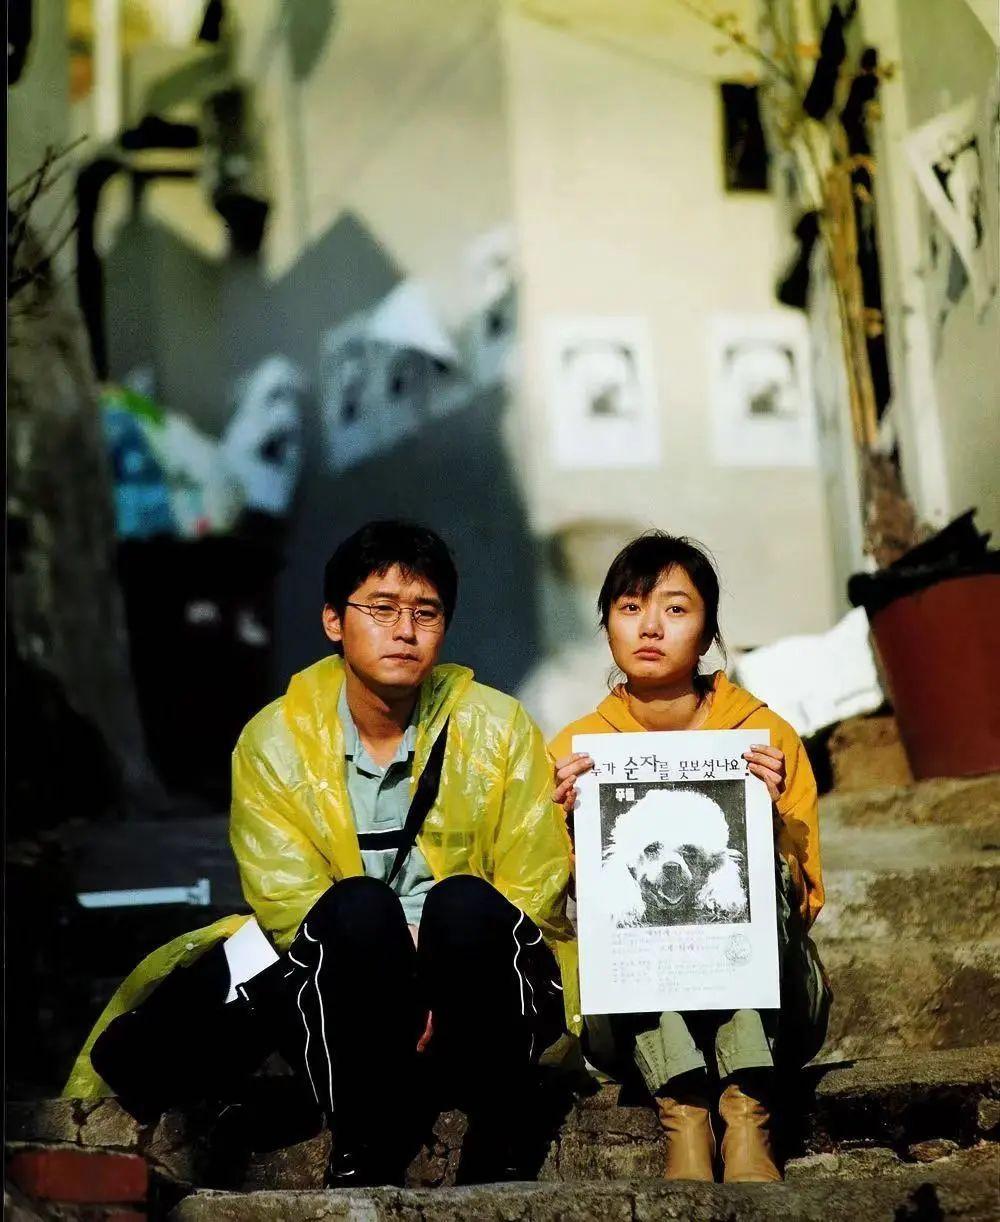 韩国电影导演奉俊昊最大理想就是赤裸裸展现同时代人们生活故事 (4)